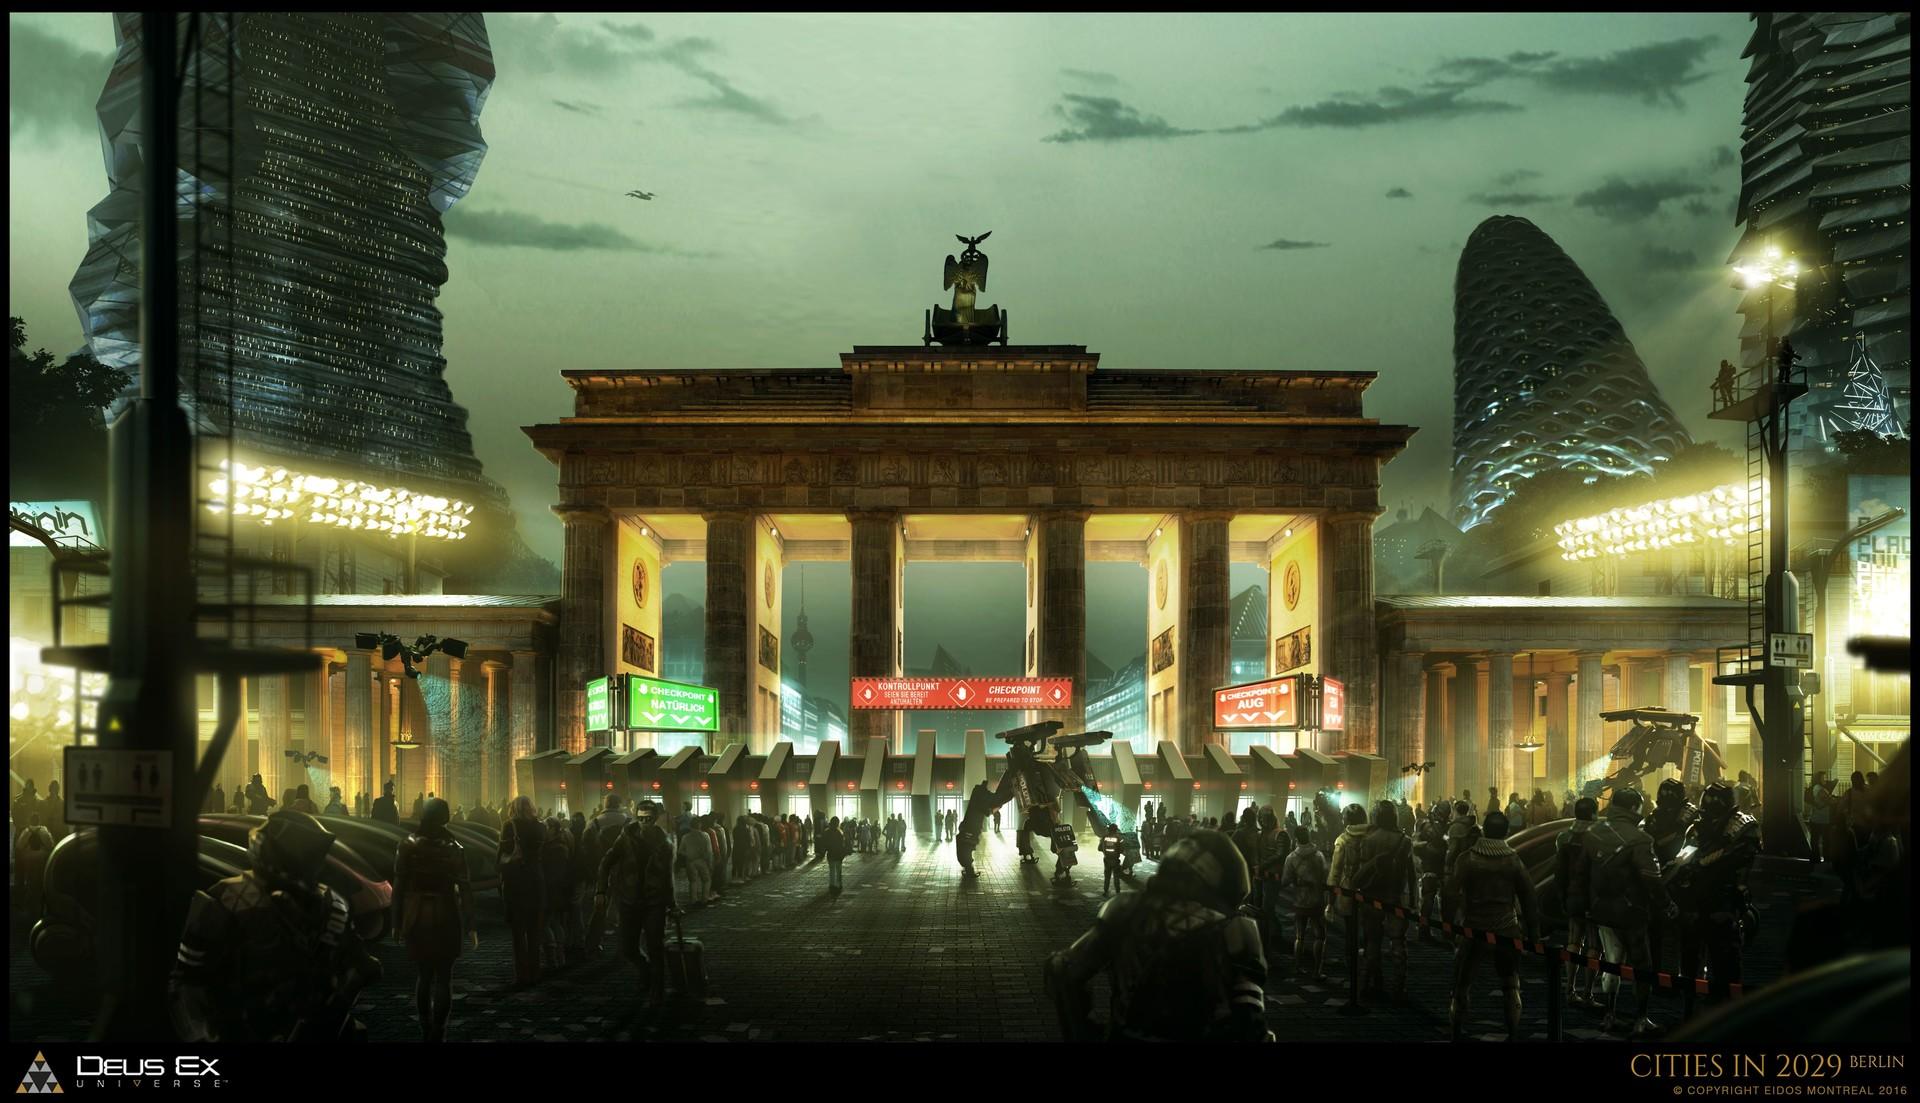 Martin Sabran - Deus Ex Mankind Divided Concept Art